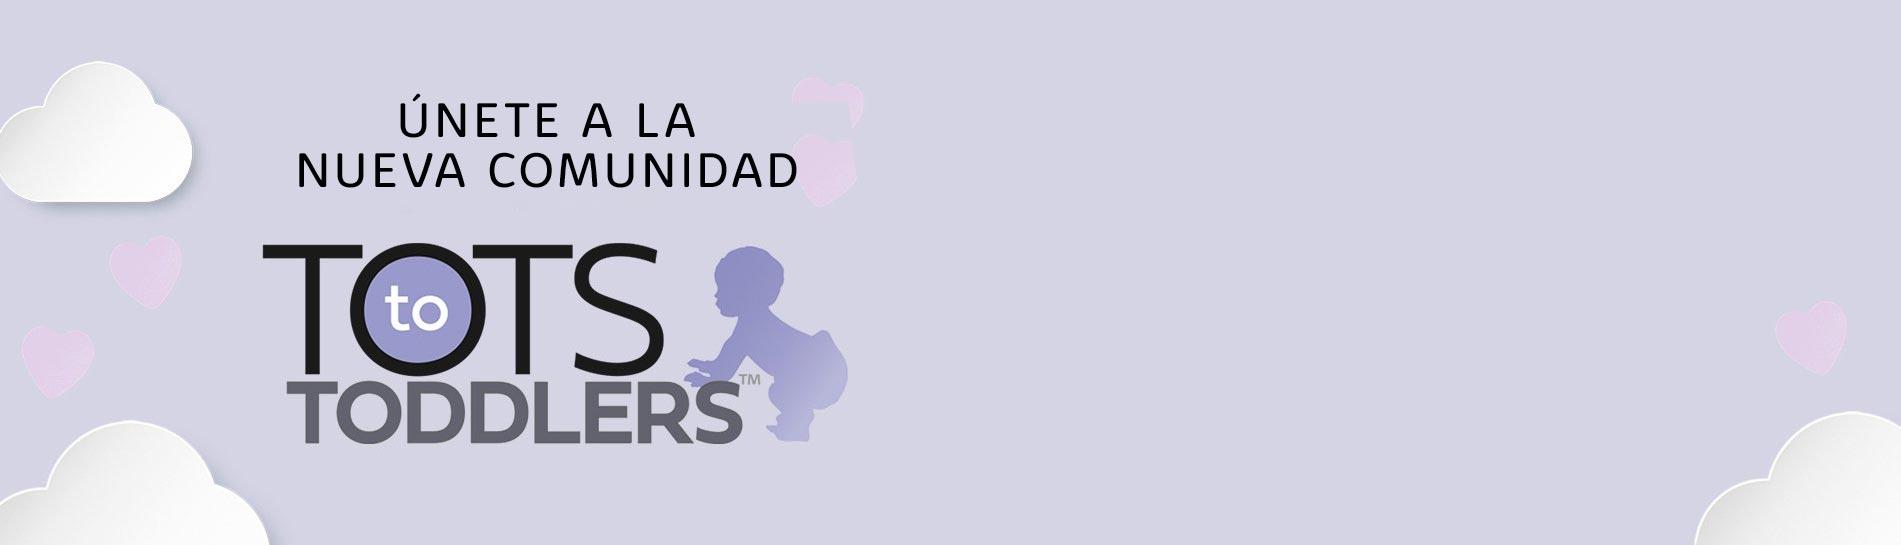 Logo de Tots To Toddlers con nubes en el fondo